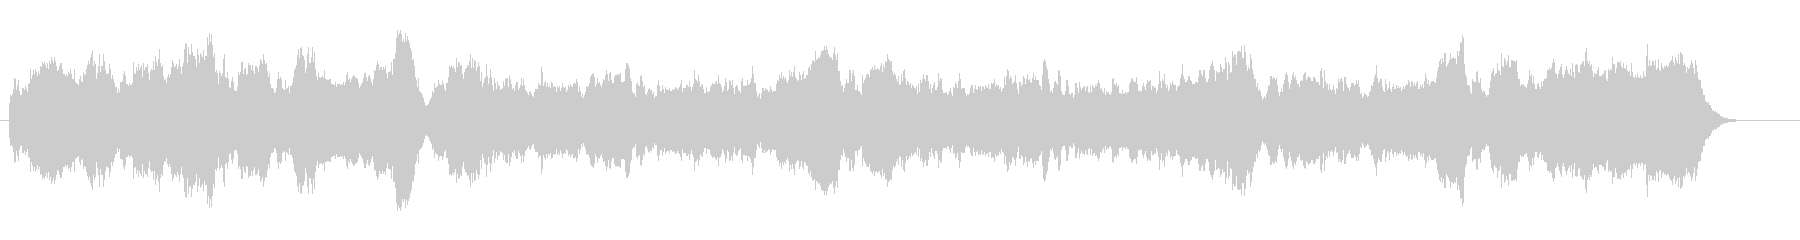 名曲アメージンググレース、パイプオルガンの未再生の波形